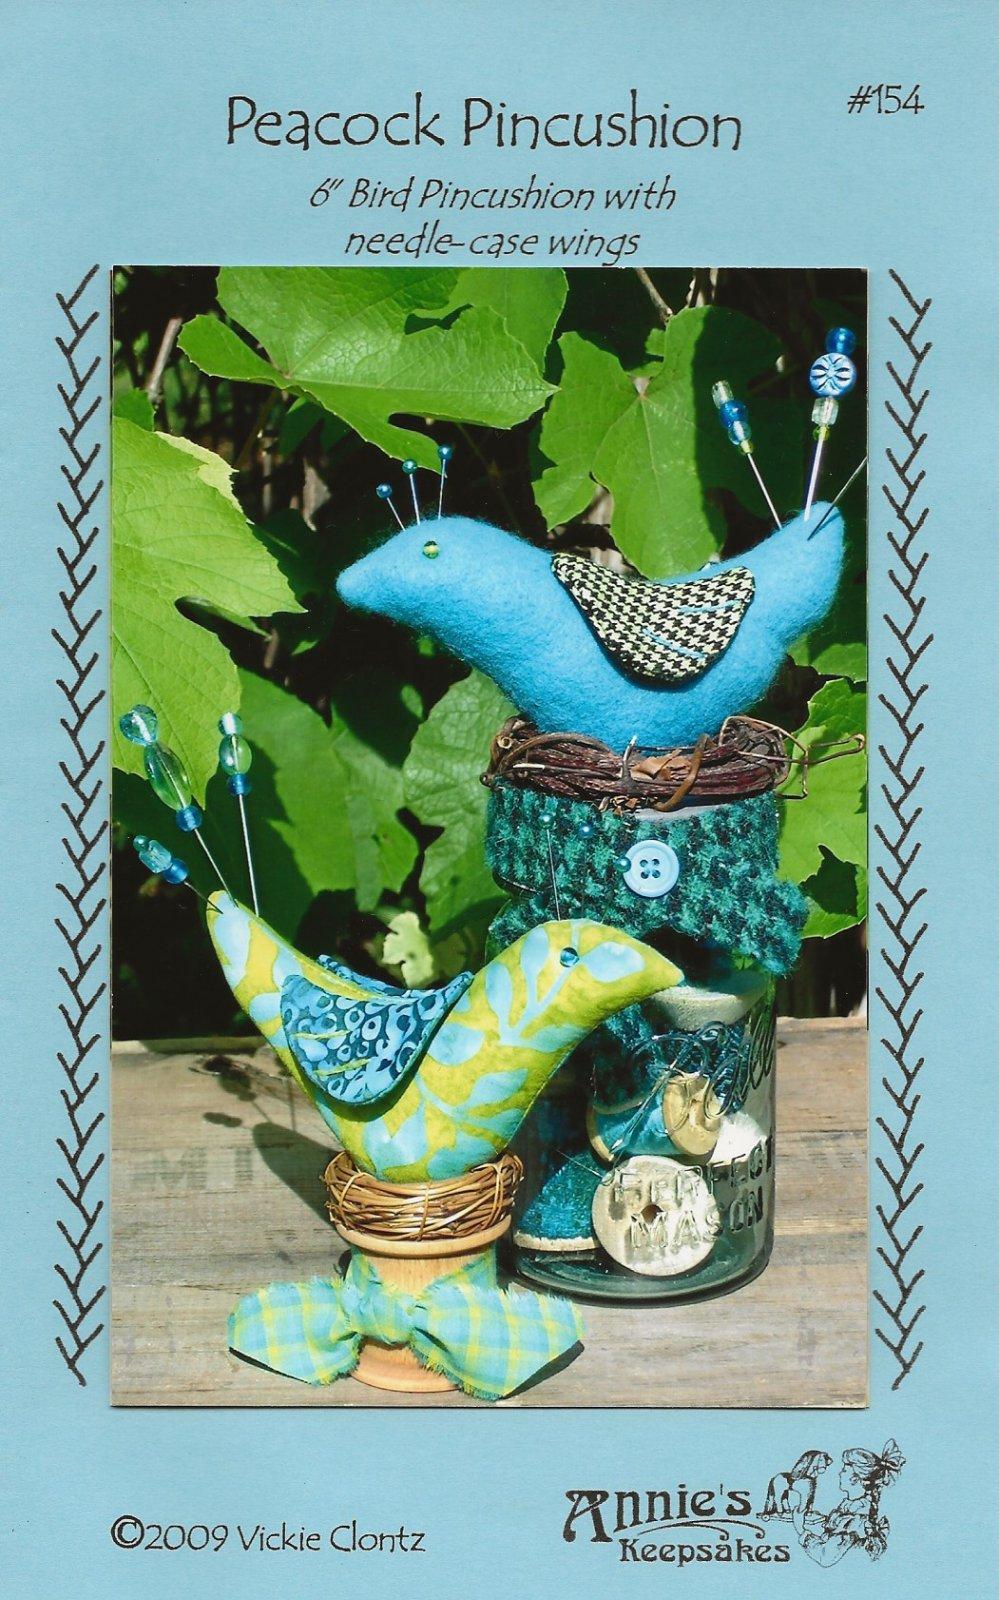 Peacock Pincushion